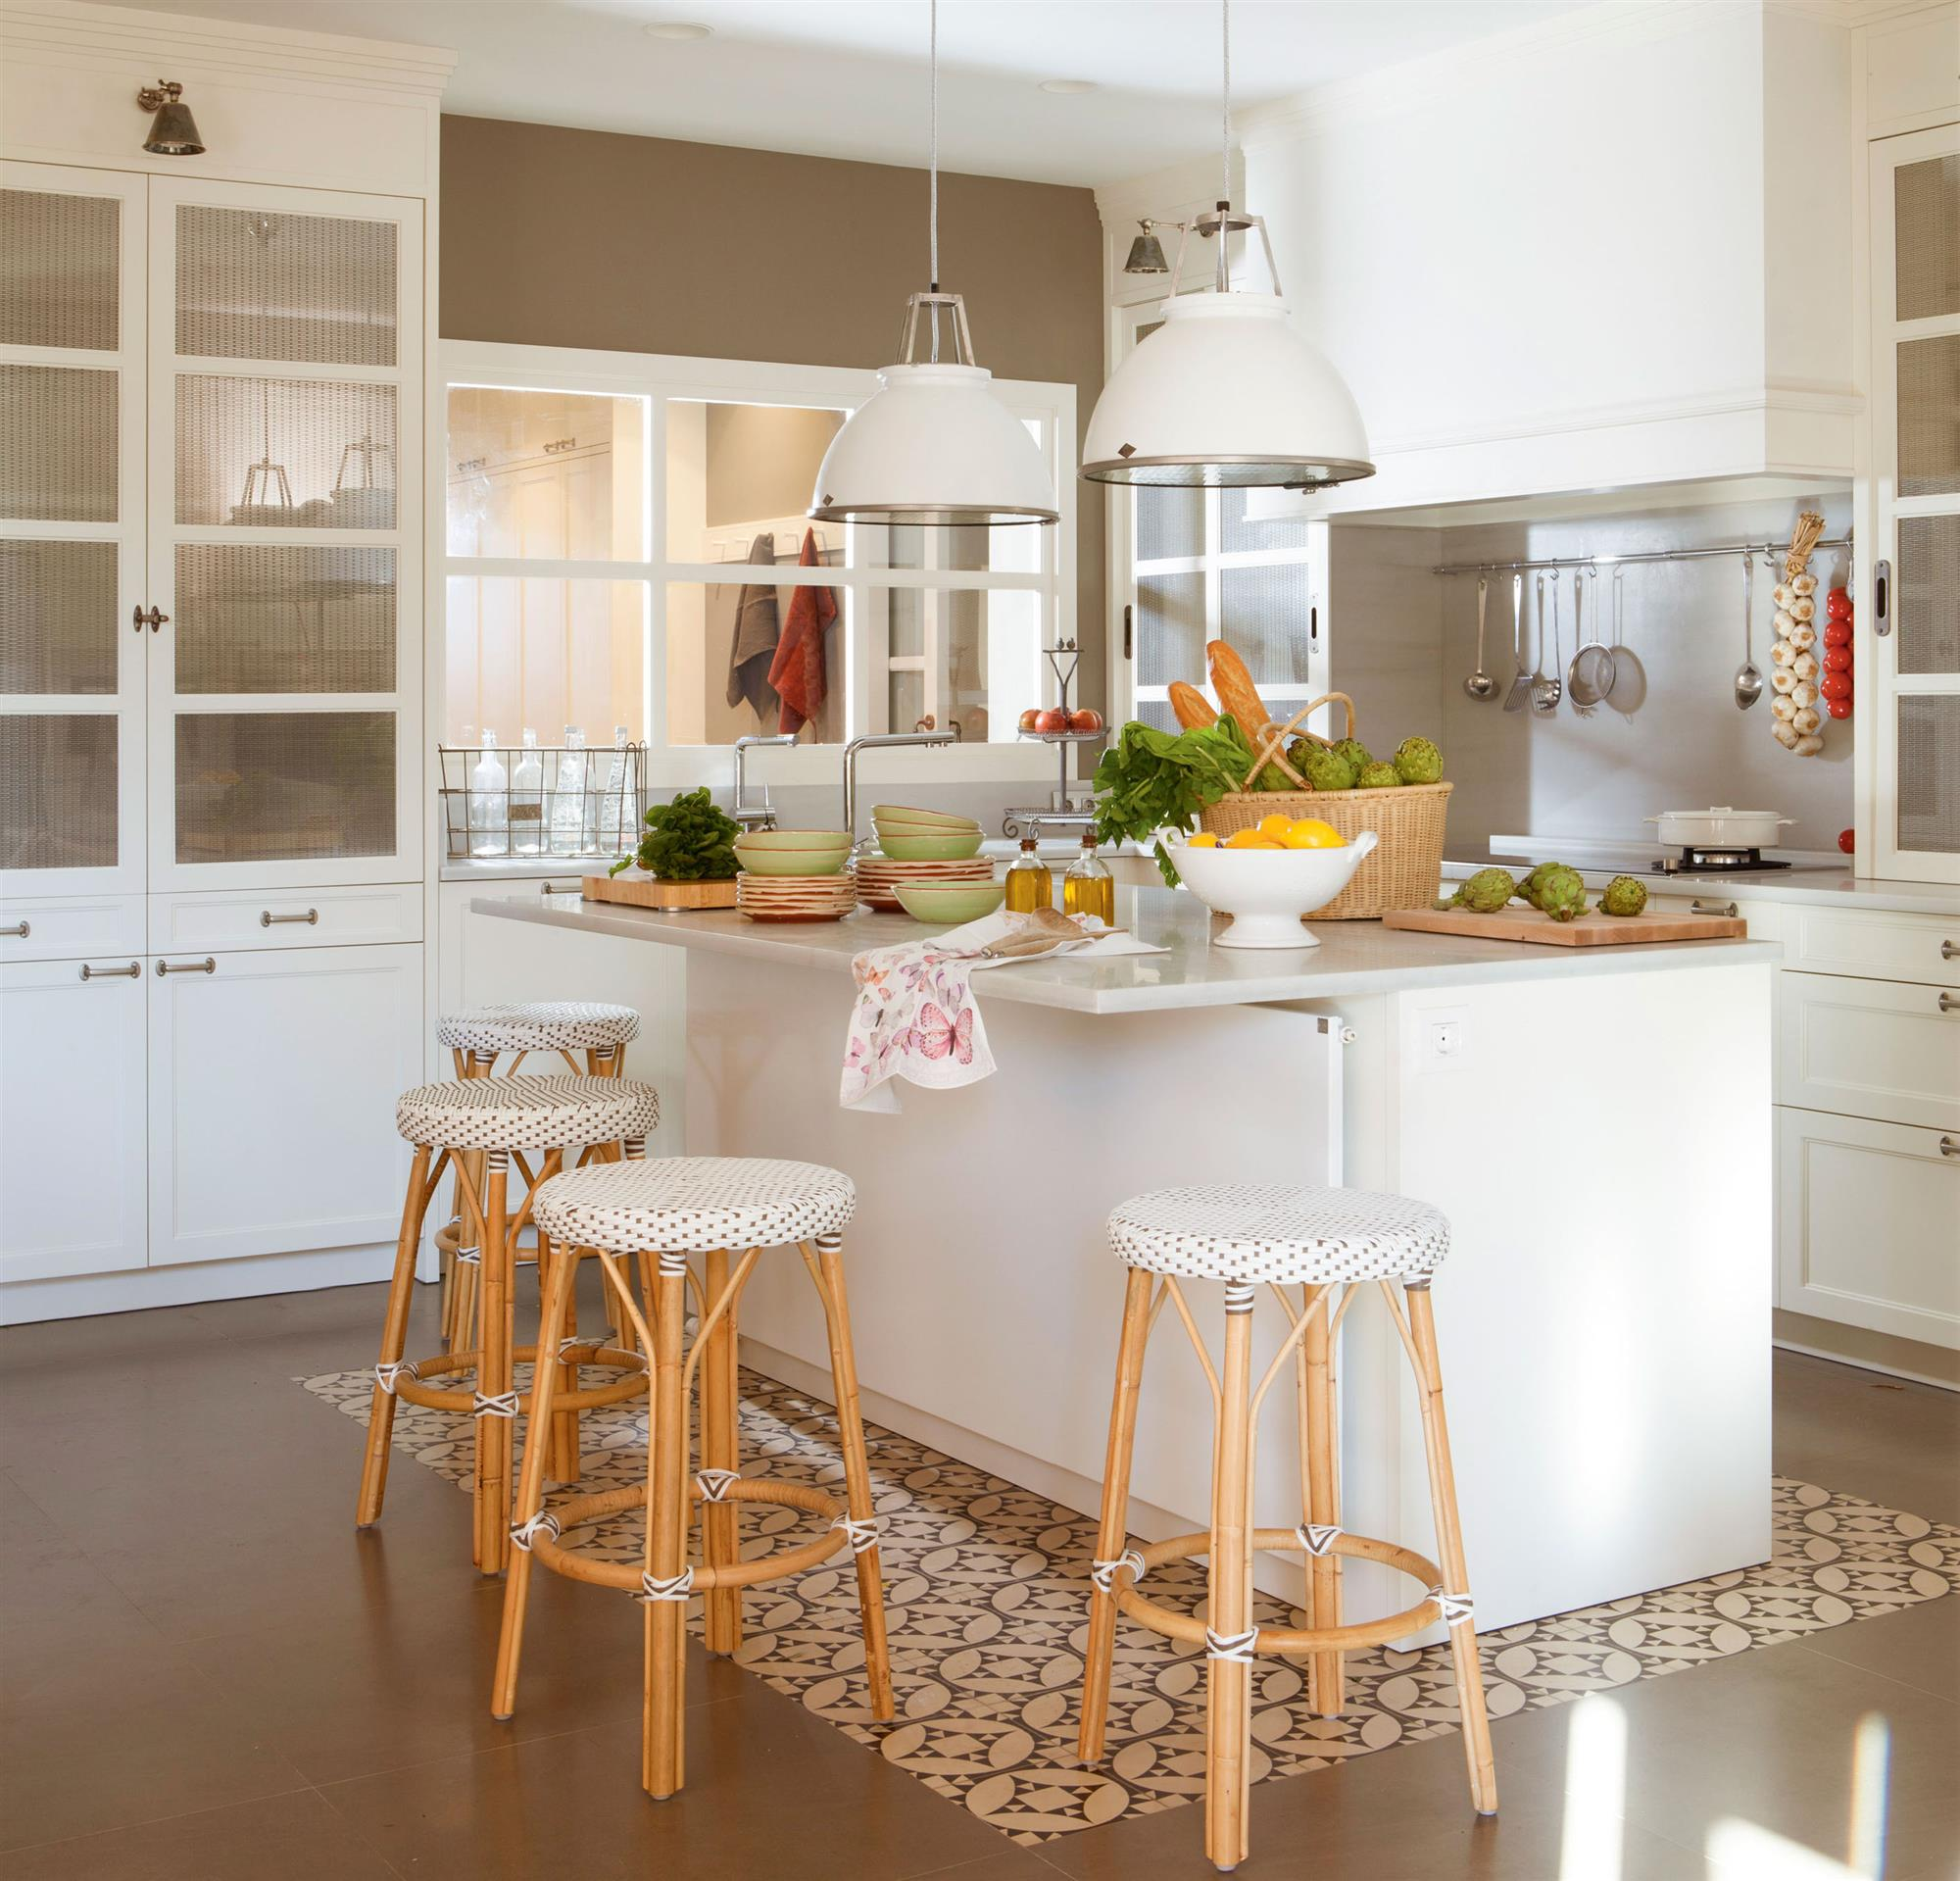 Hidr ulico el mueble - Suelos de cocina modernos ...